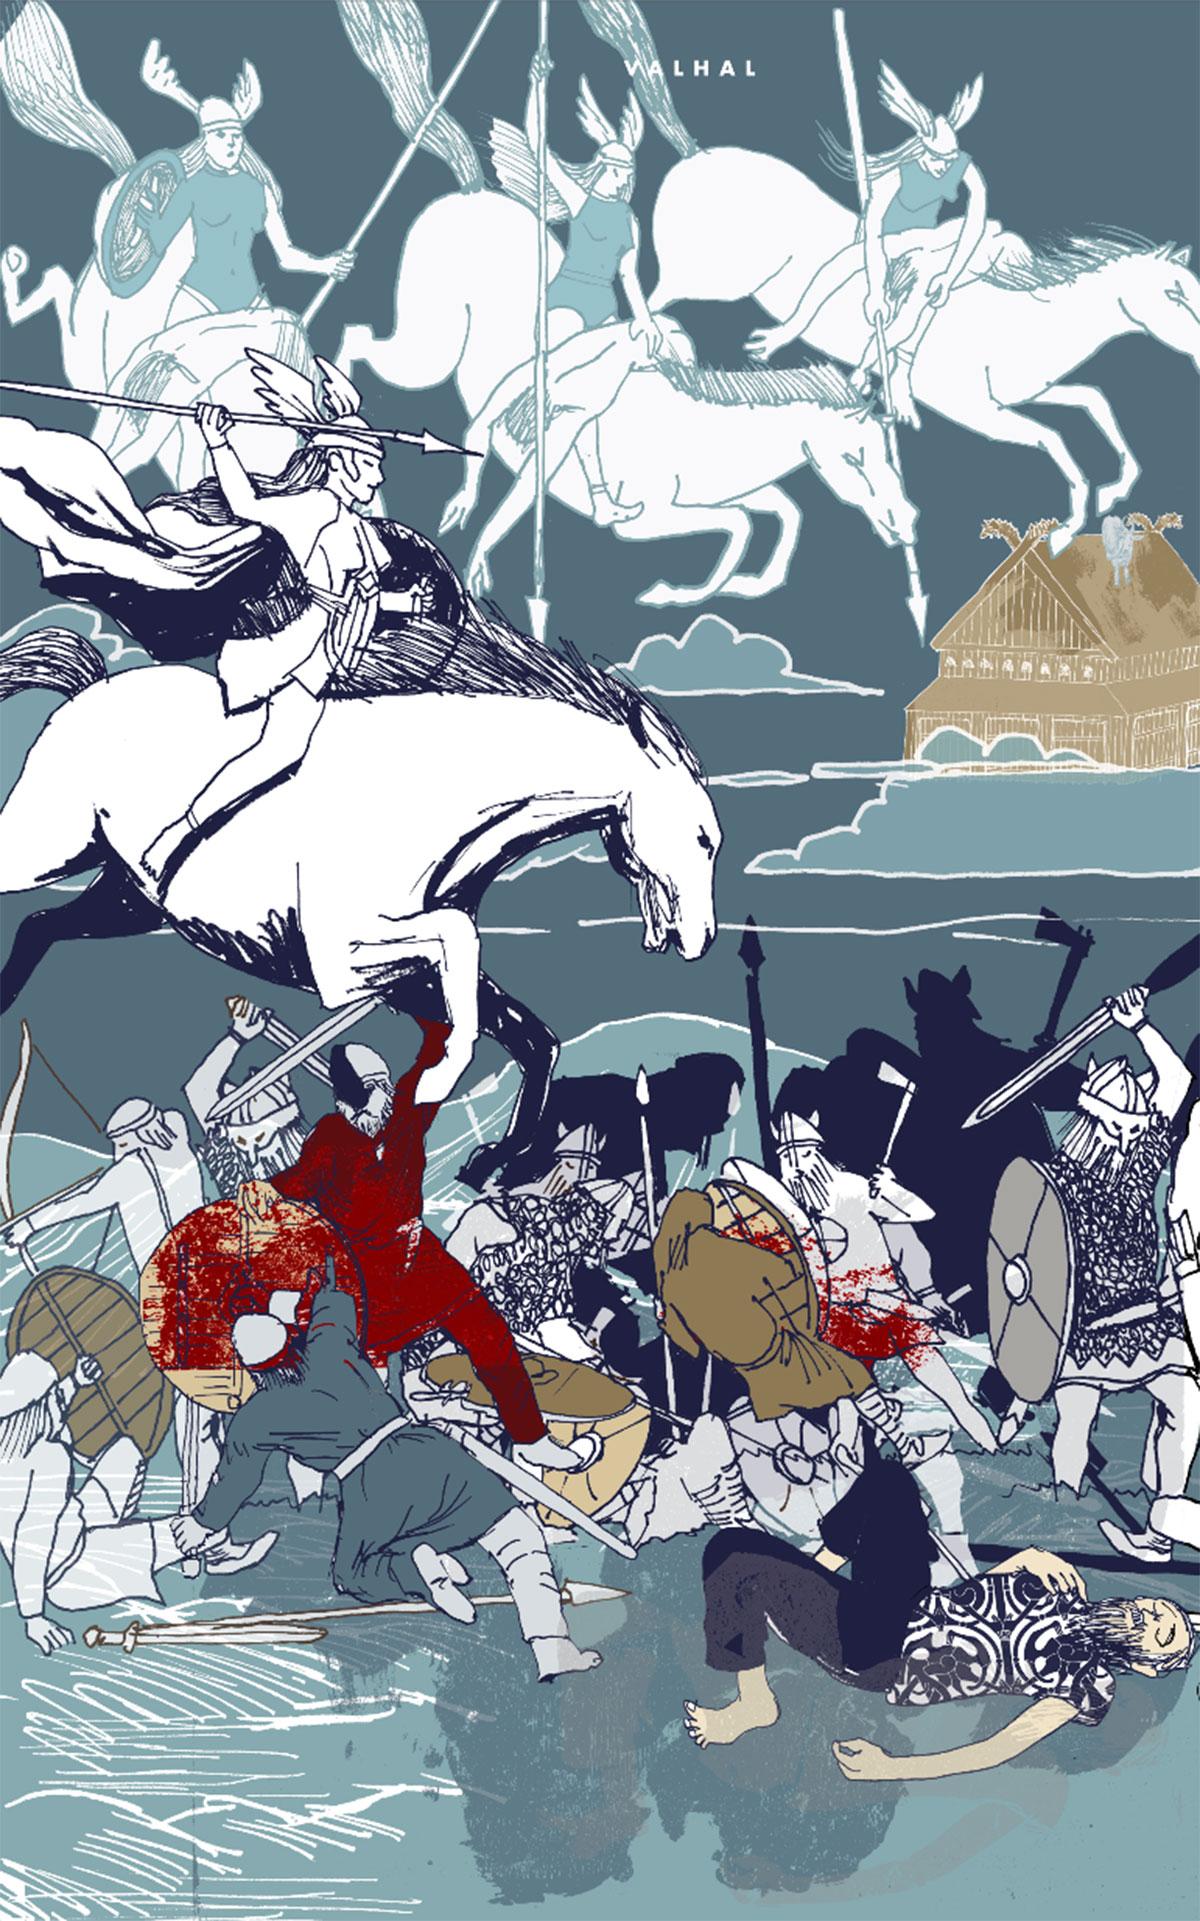 Valhal har 540 porte, og der kan komme 800 krigere ud på en gang af hver port